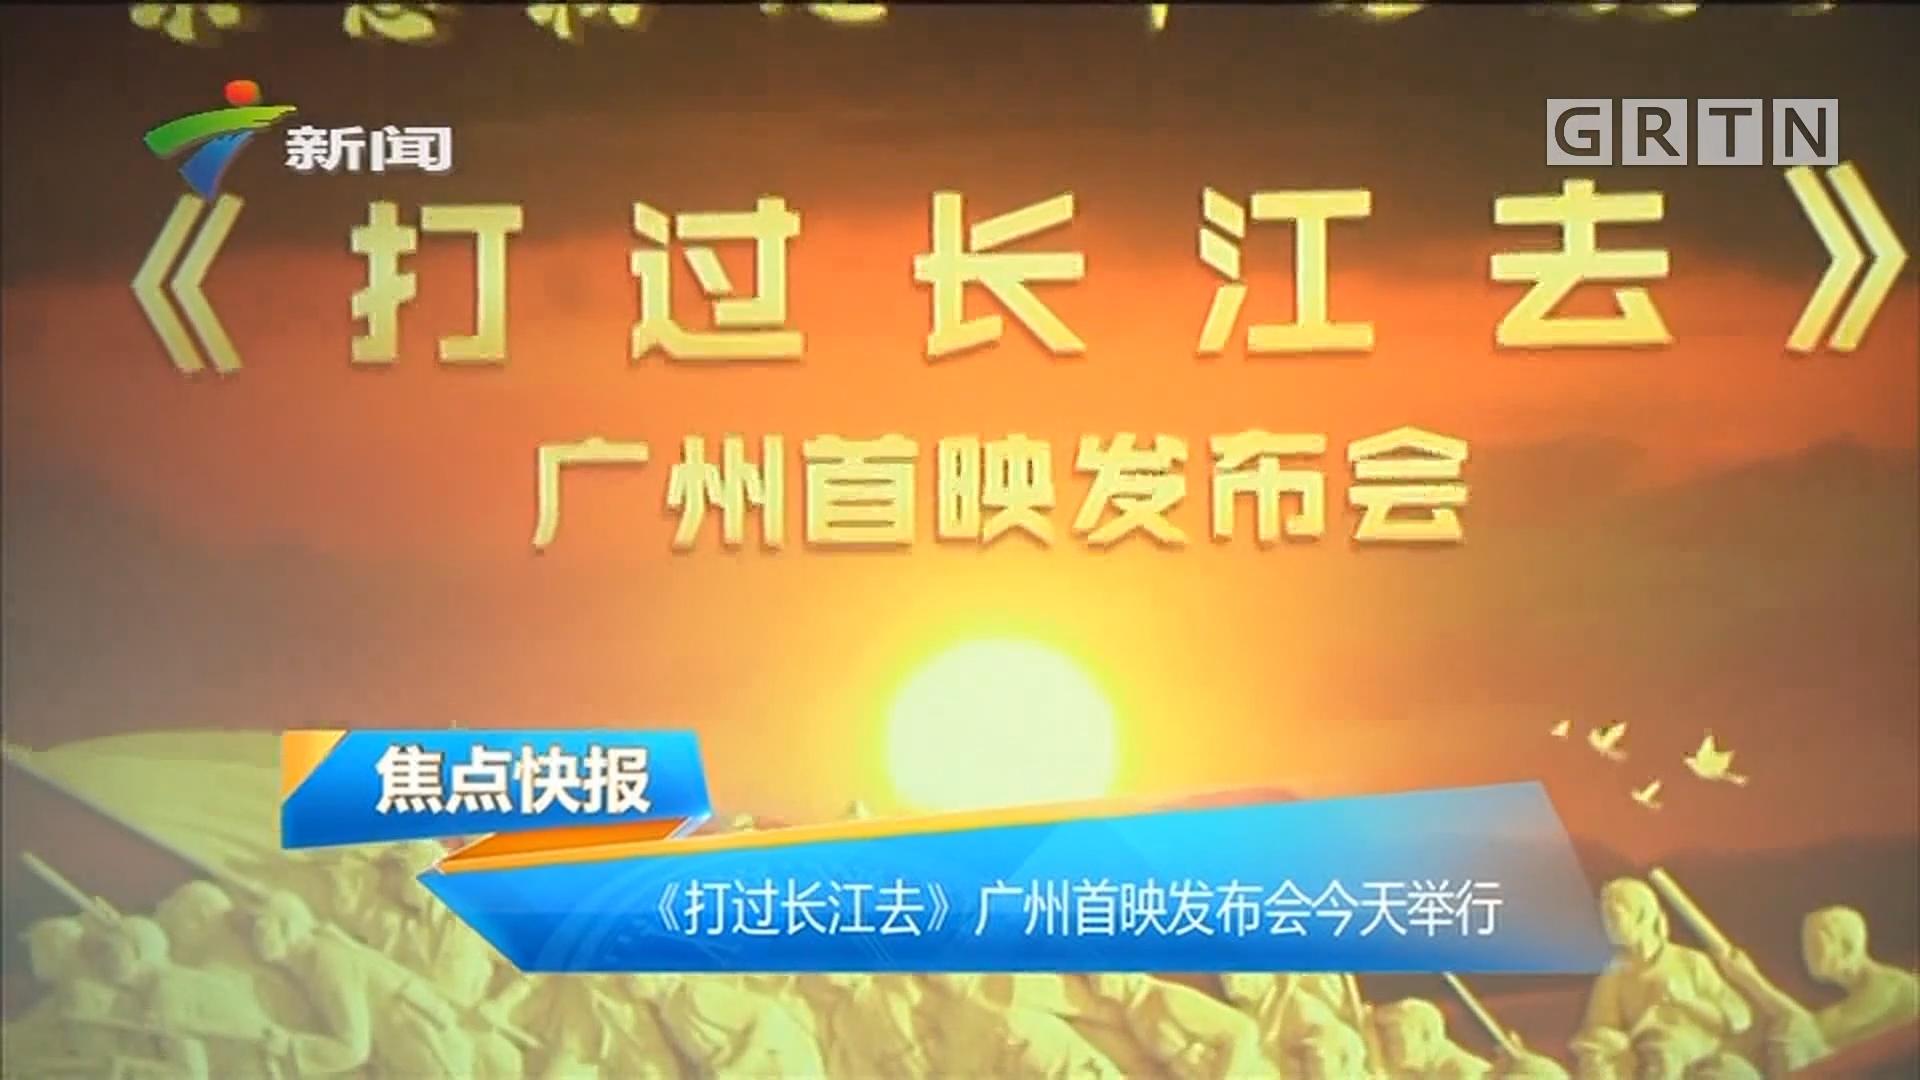 《打过长江去》广州首映发布会今天举行